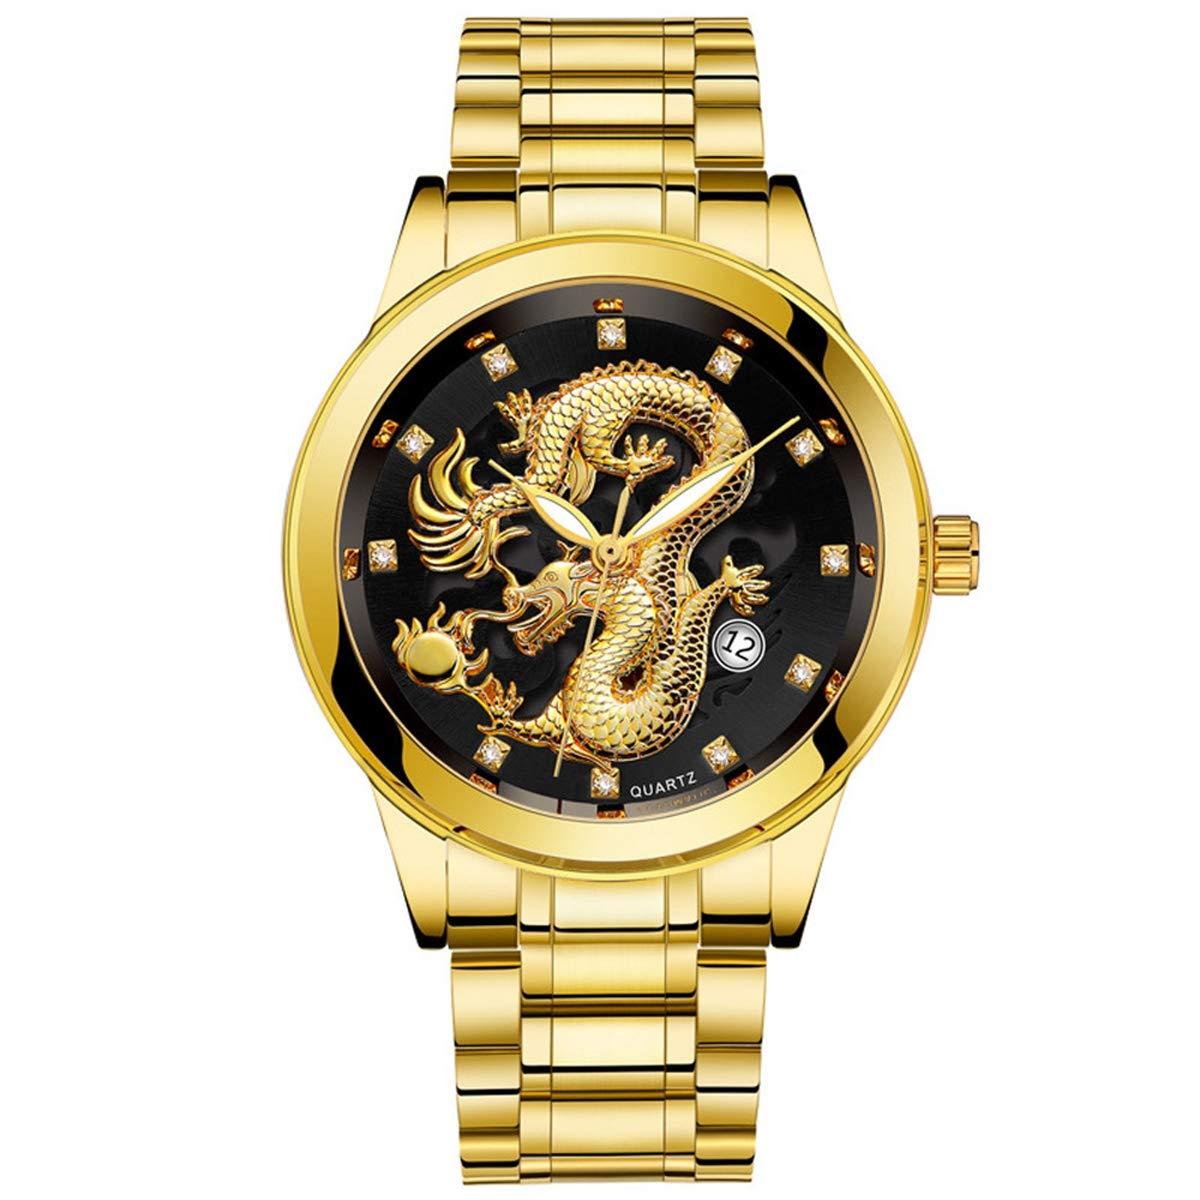 ZODRQ Men's Watch,Fashion Waterproof Watches Stainless Steel Wrist Watch Wristwatch Gold Dragon Sculpture Quartz Watch Gift (Black) by ZODRQ